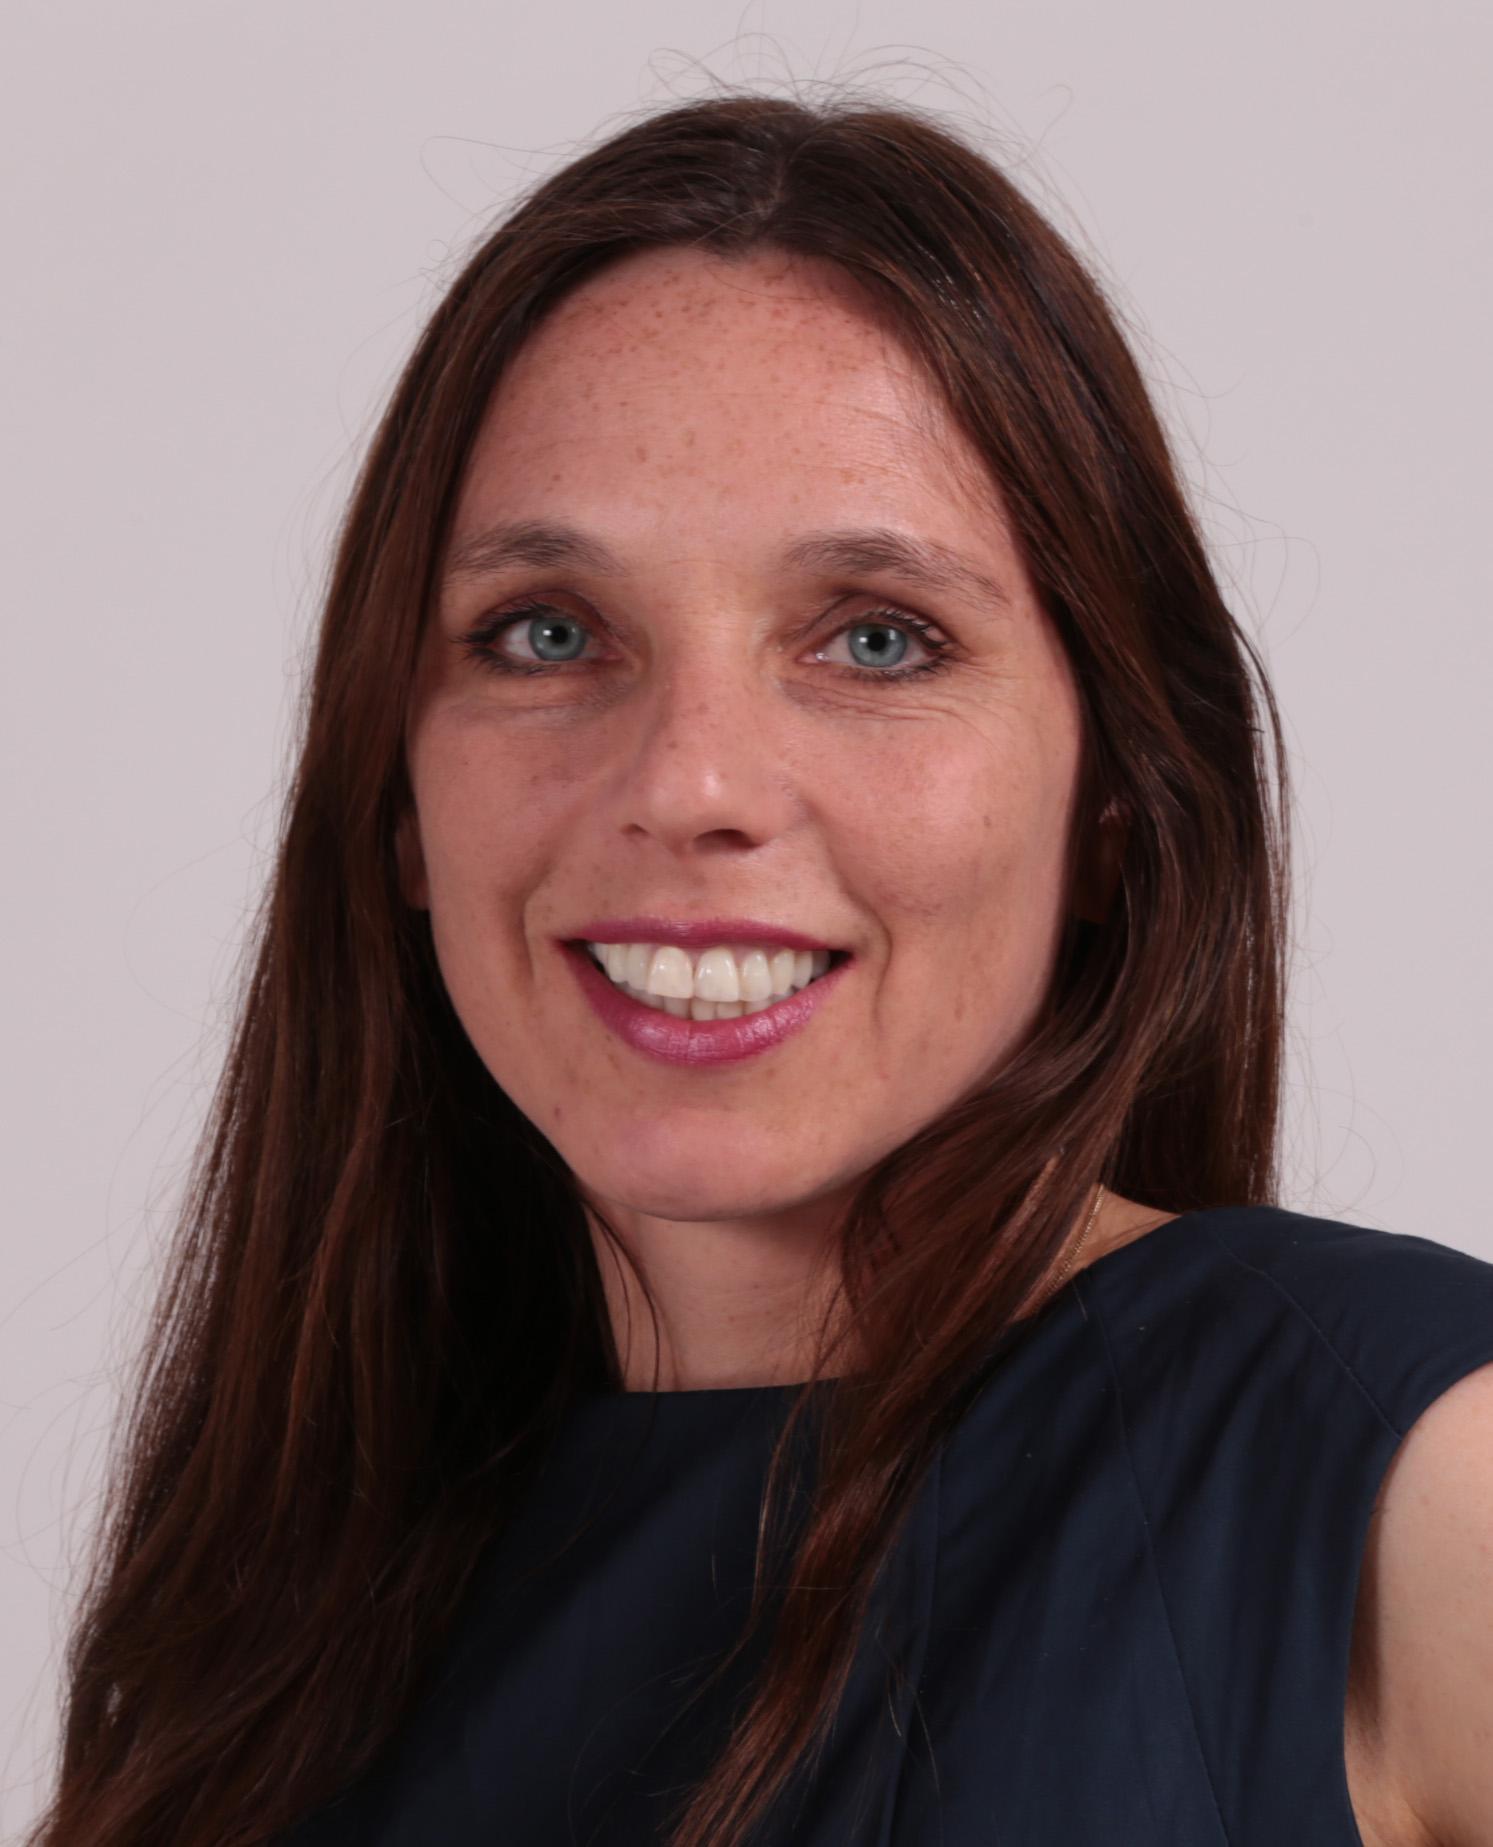 Freija van Duijne, PhD